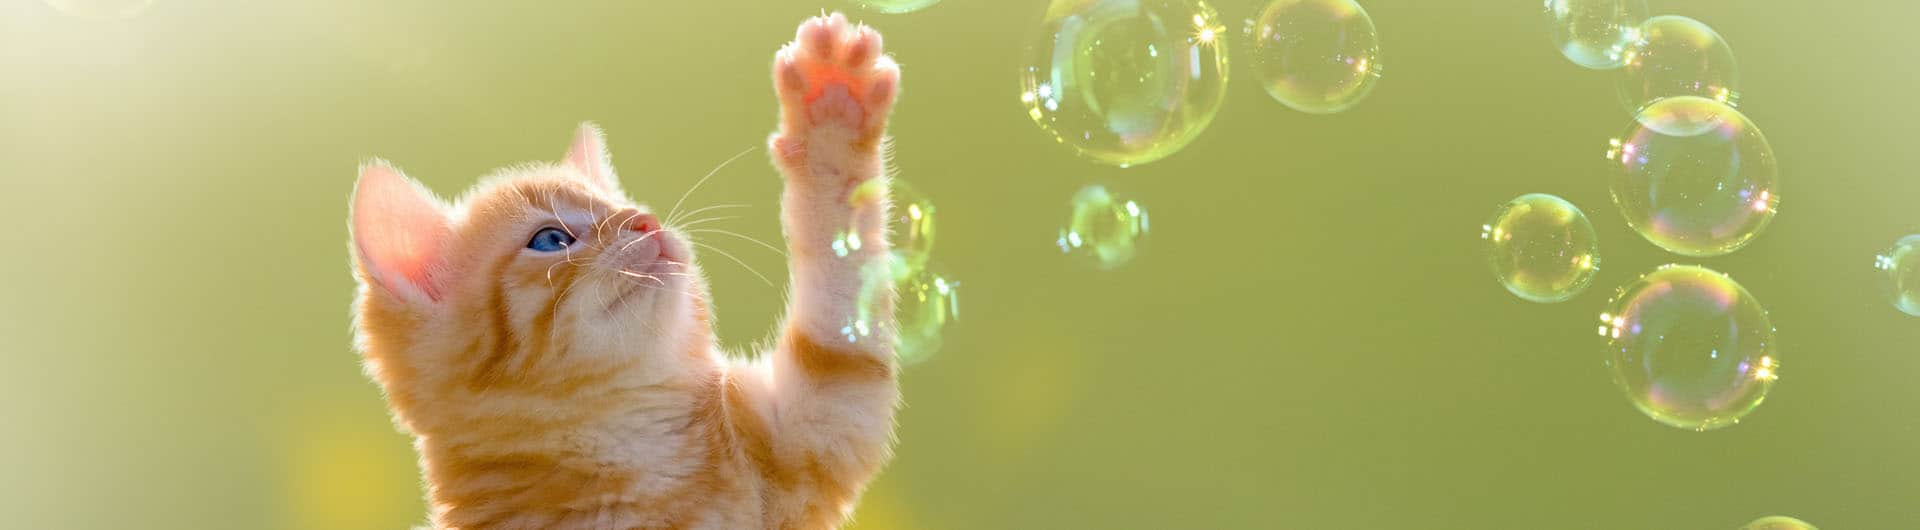 Katzenversicherung für Freigänger